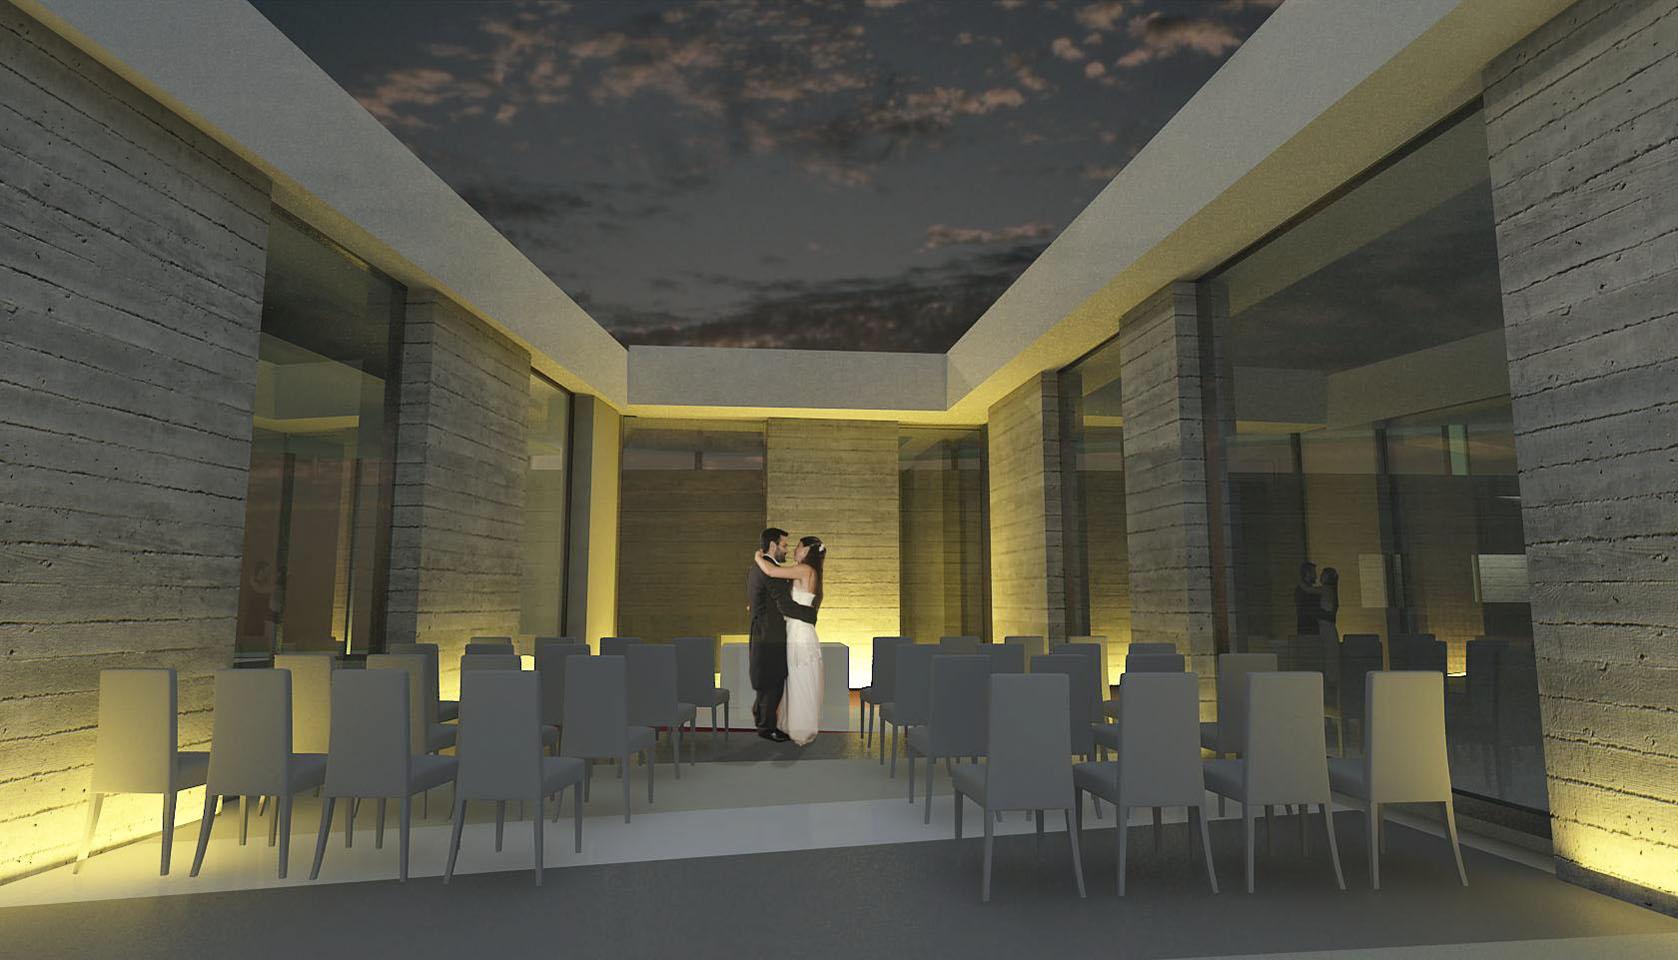 arquitectura ceremonial, diseño de espacios modernos para celebrar fiestas, diseño de lugares semi cubiertos